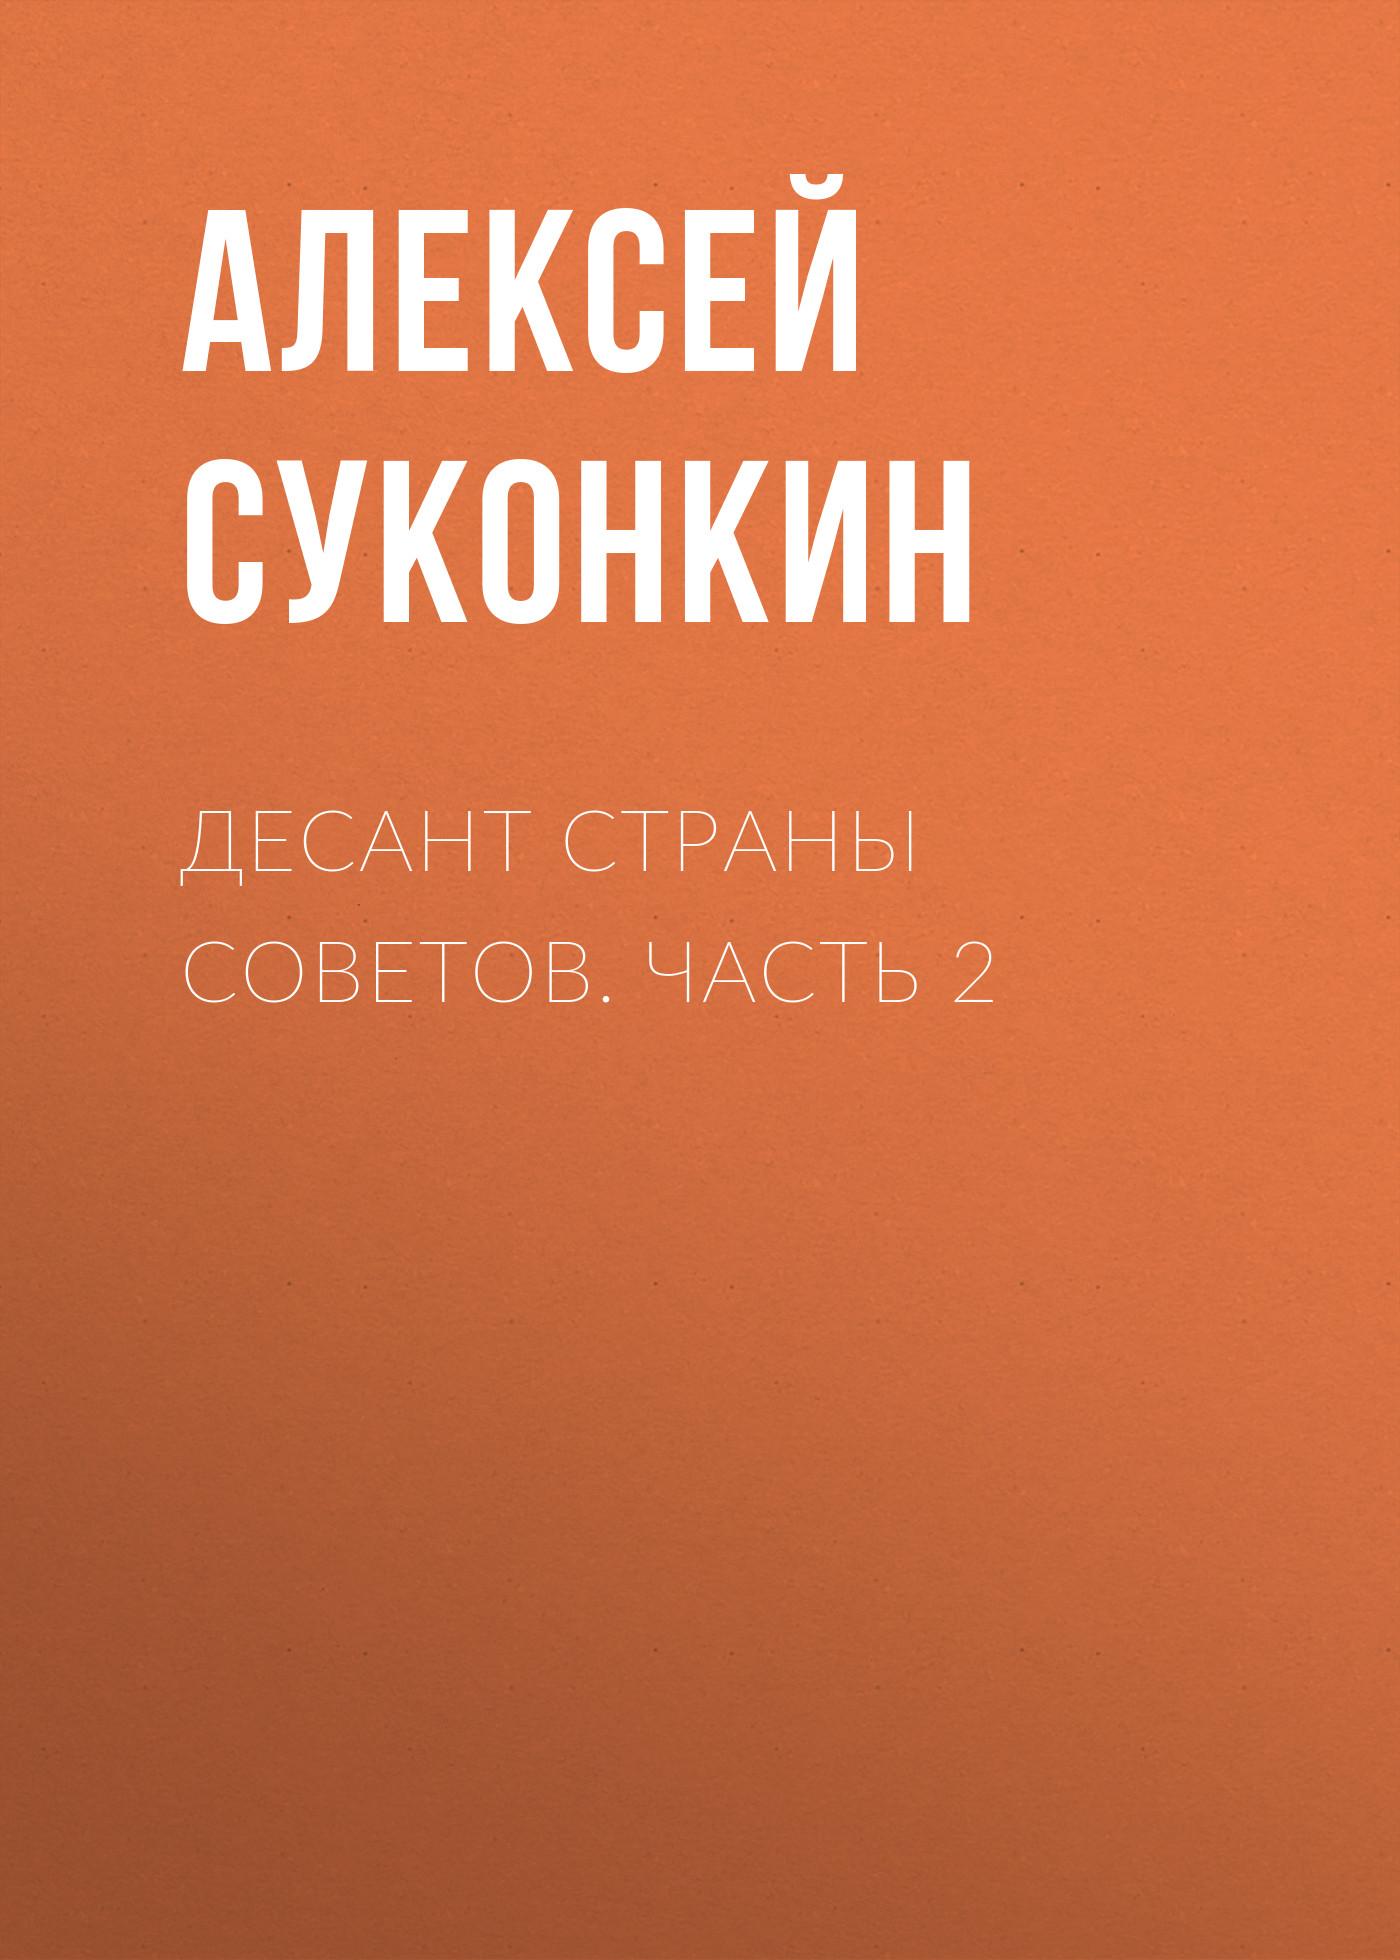 Десант страны советов. Часть 2